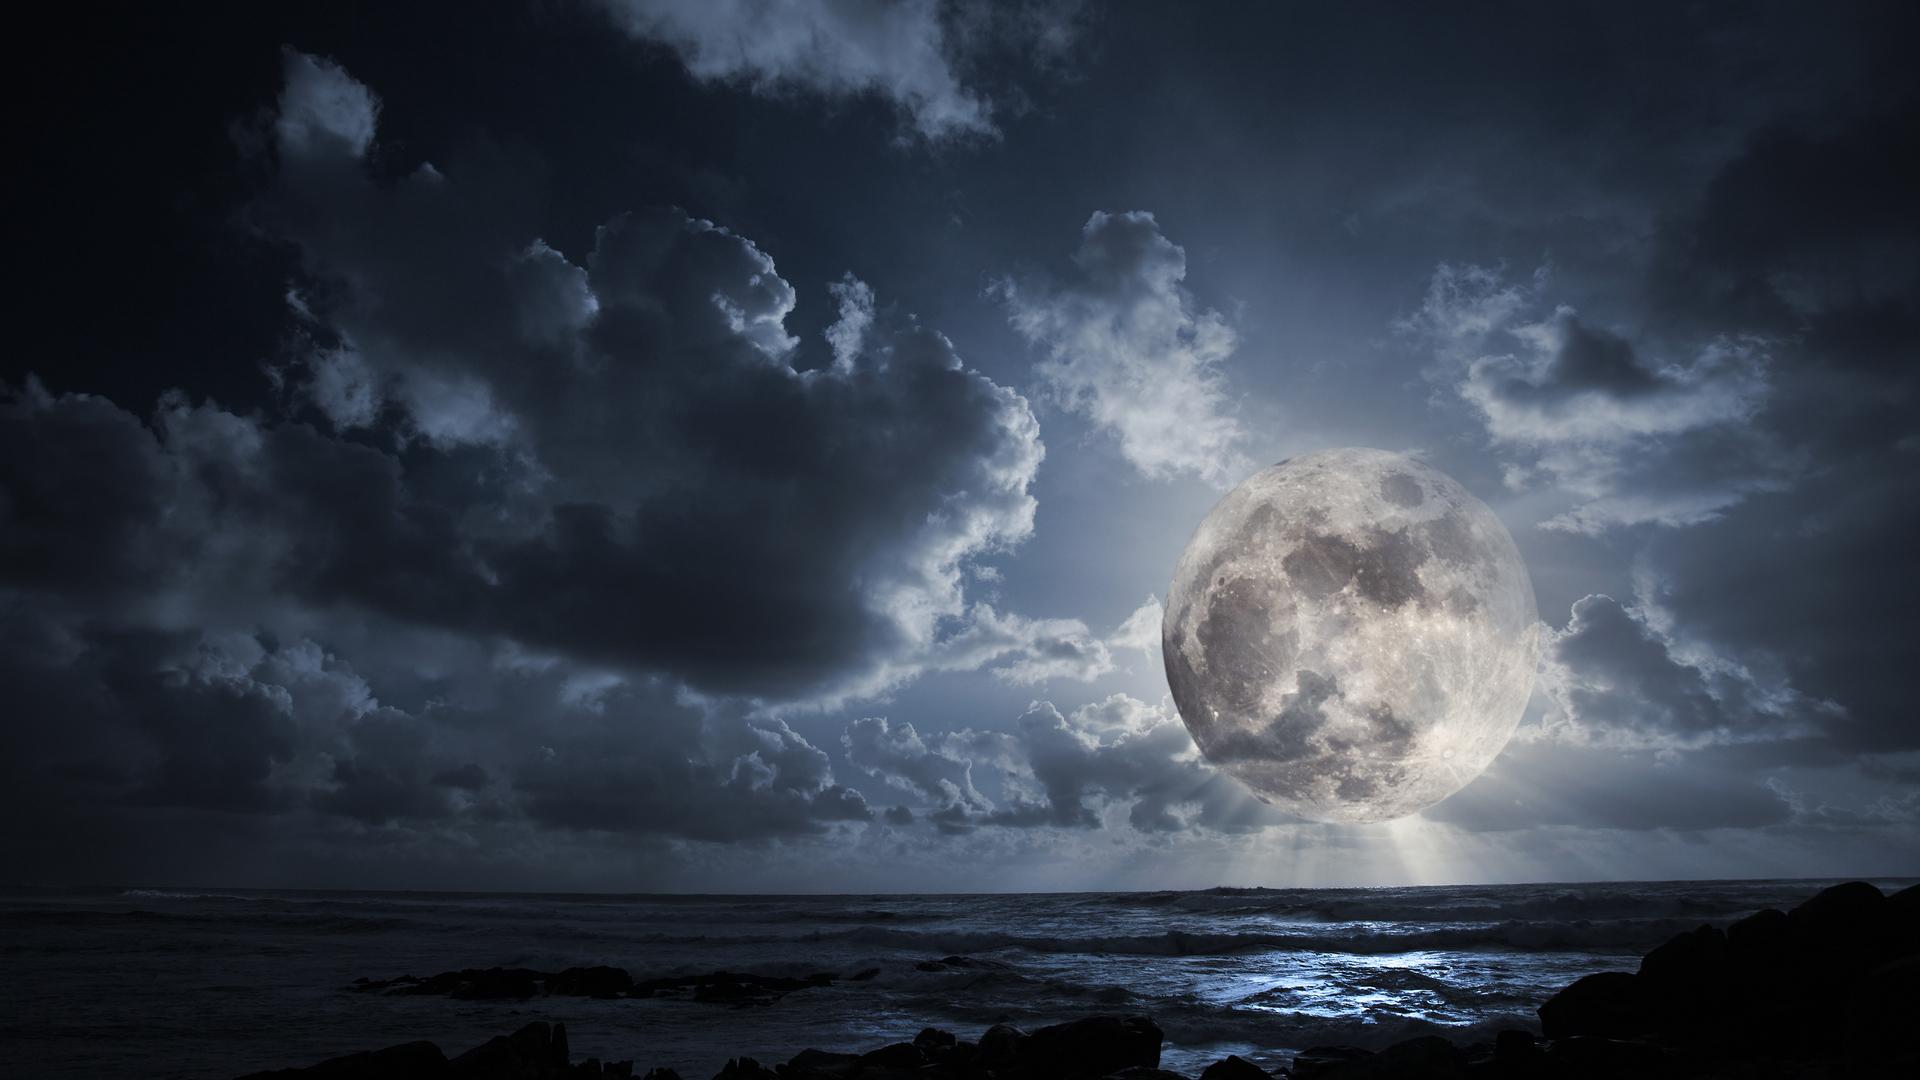 итоге фотография луны в облаках возможно изготовить